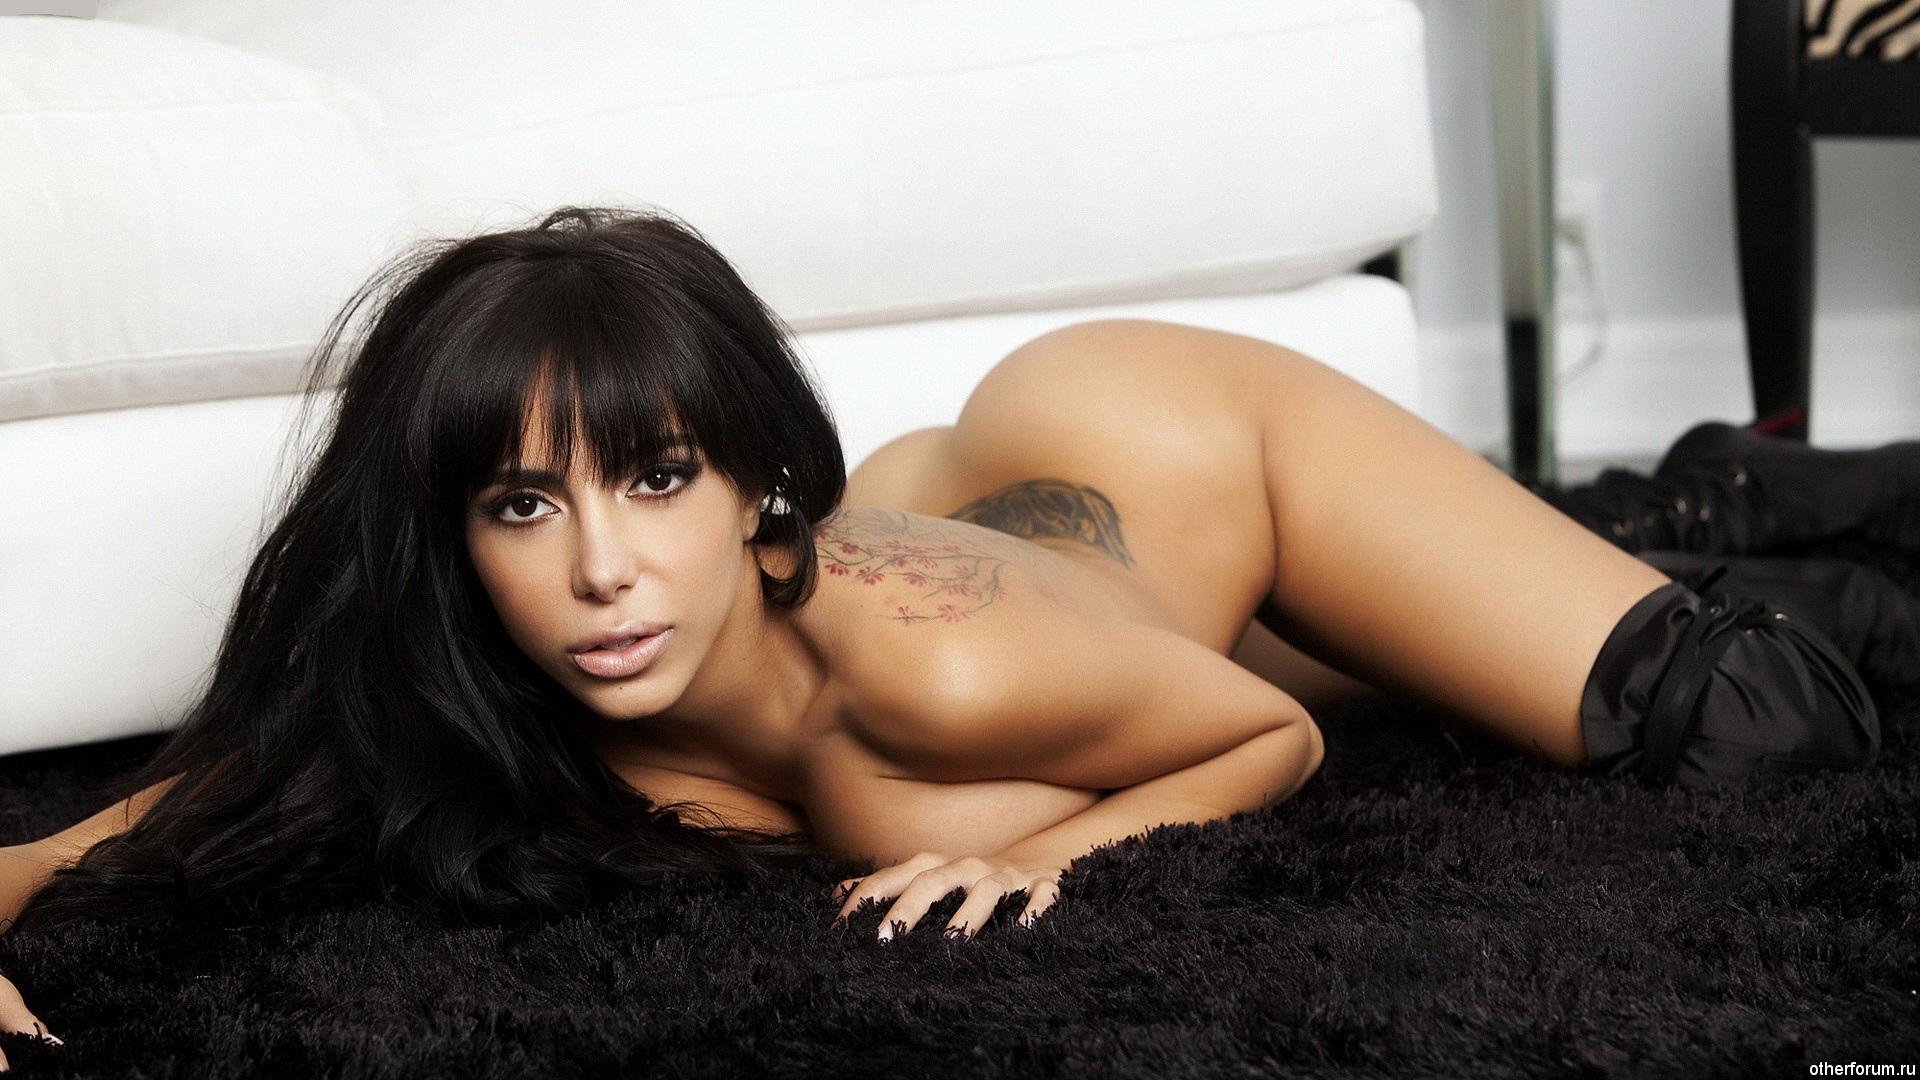 Самые красивые голые артистки, 40 самых сексуальных отечественных актрис (41 фото) 4 фотография